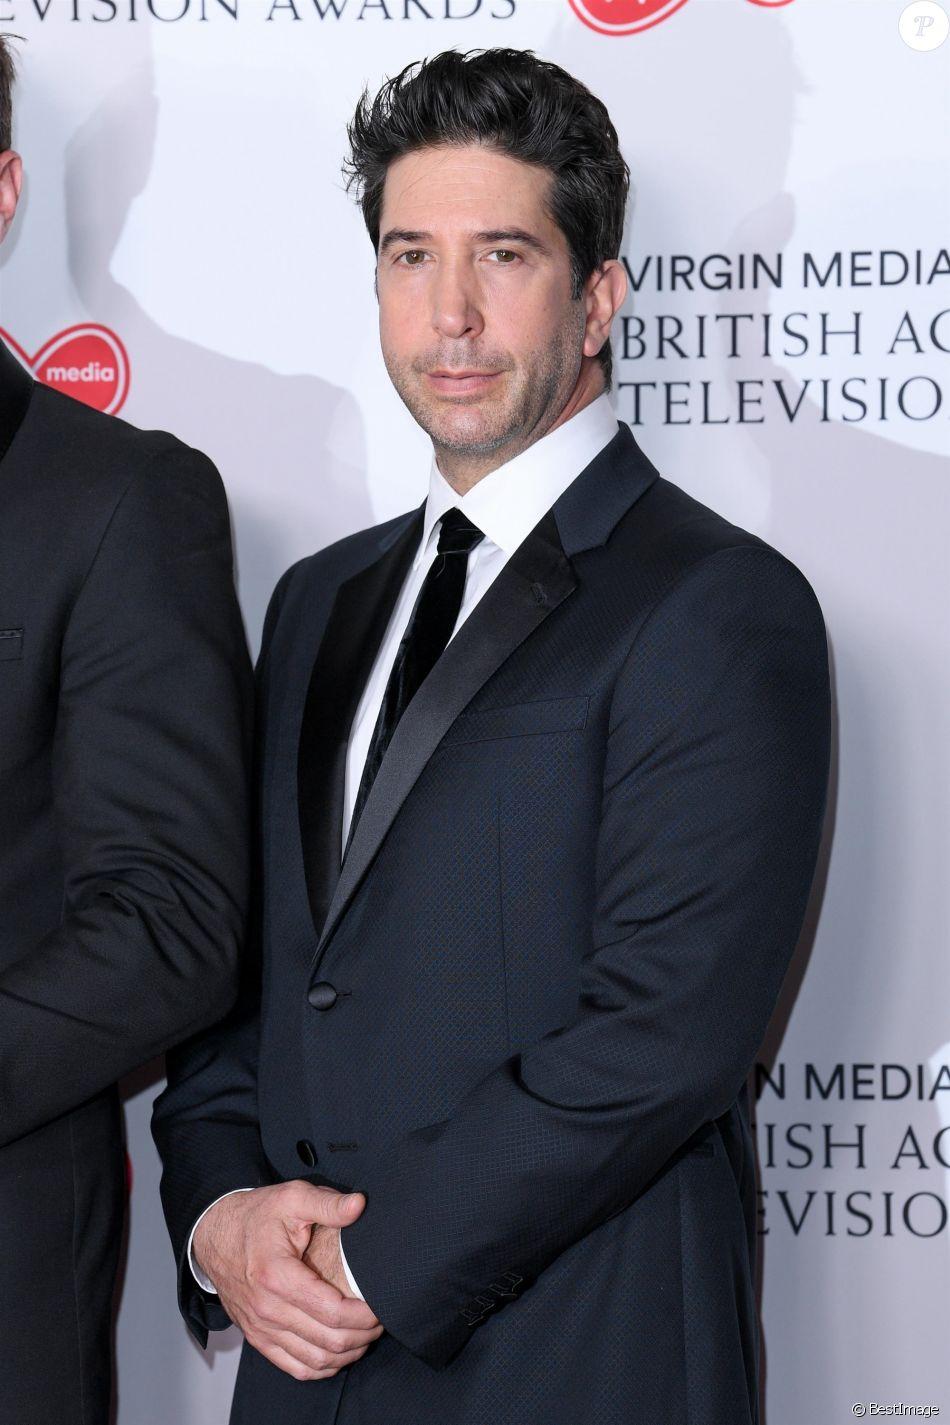 David Schwimmer - Arrivées des British Academy Television Awards à Londres le 12 mai 2019.